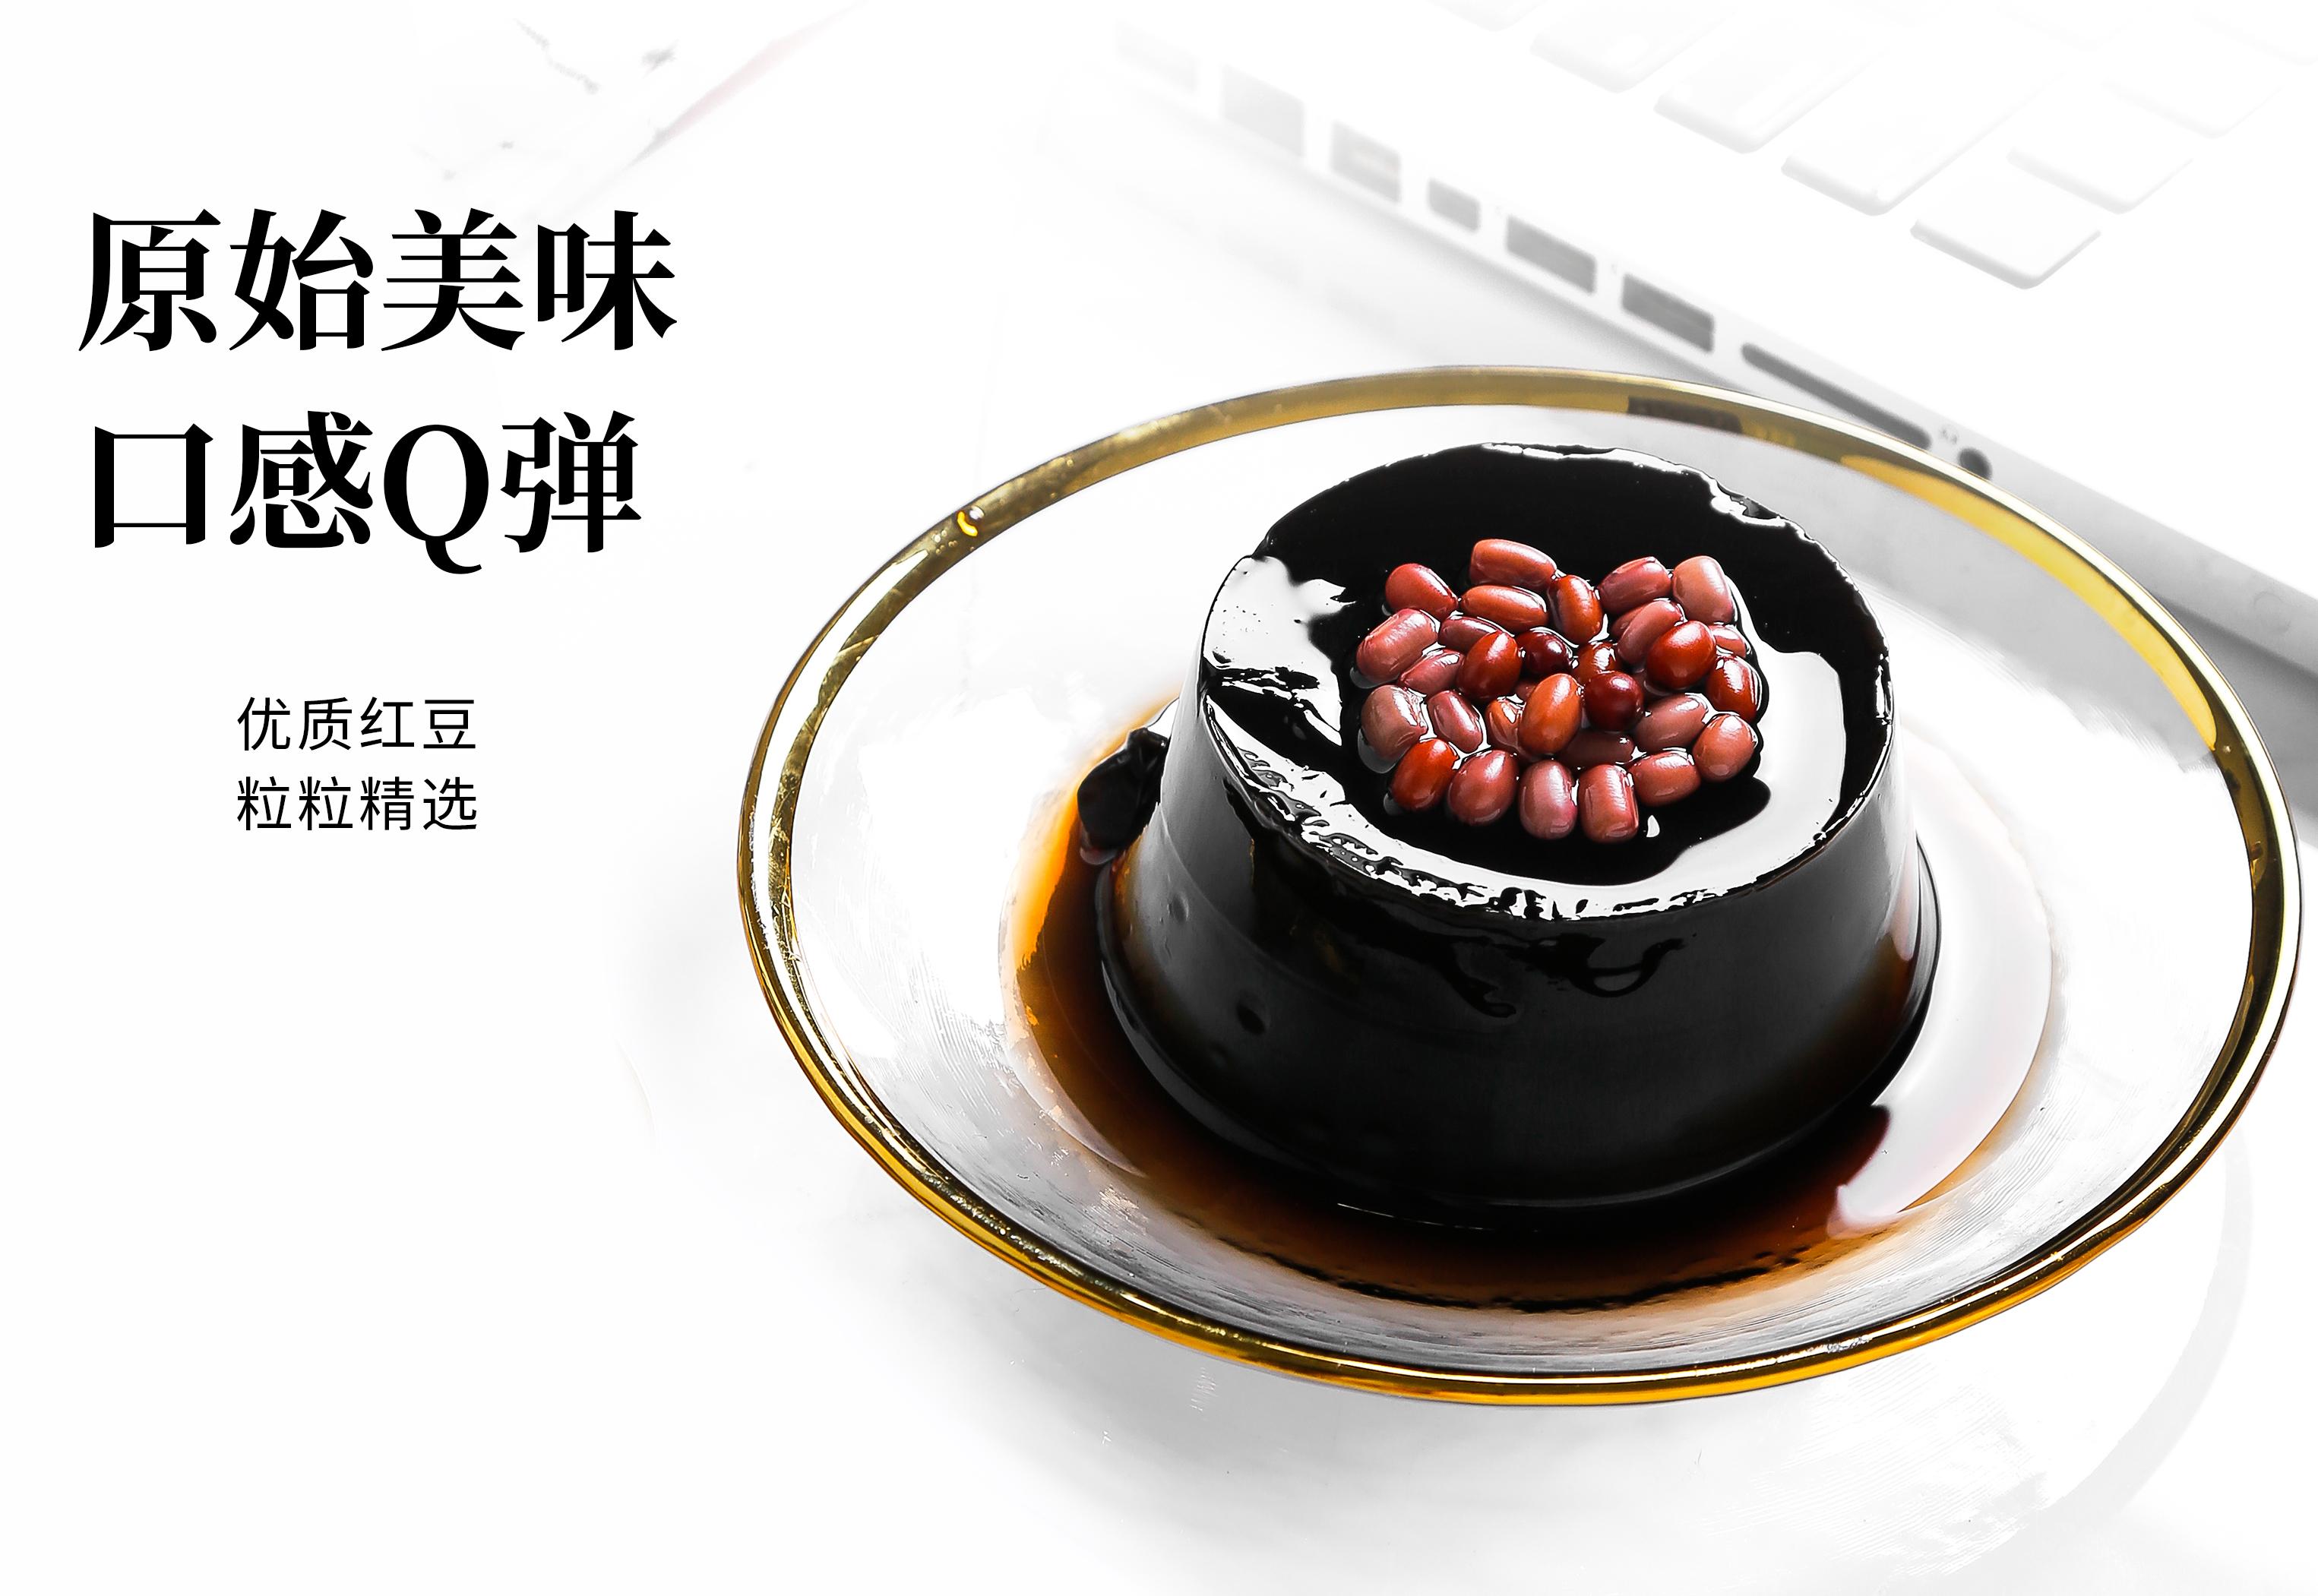 紅豆罐裝龜苓膏官網3